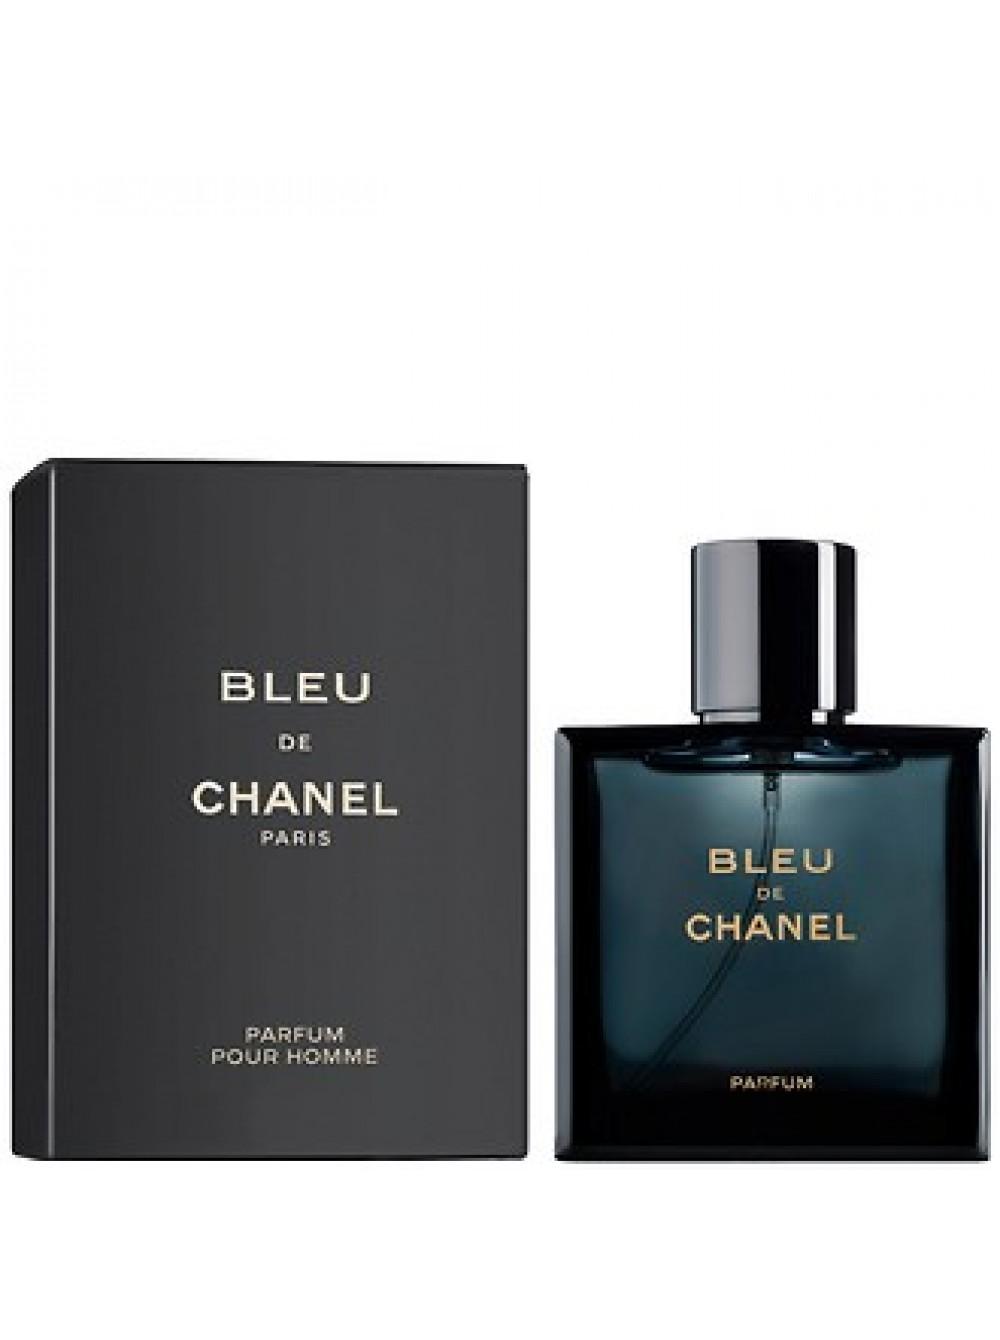 Купить Chanel Bleu de Chanel Parfum 2018 духи 50 мл в